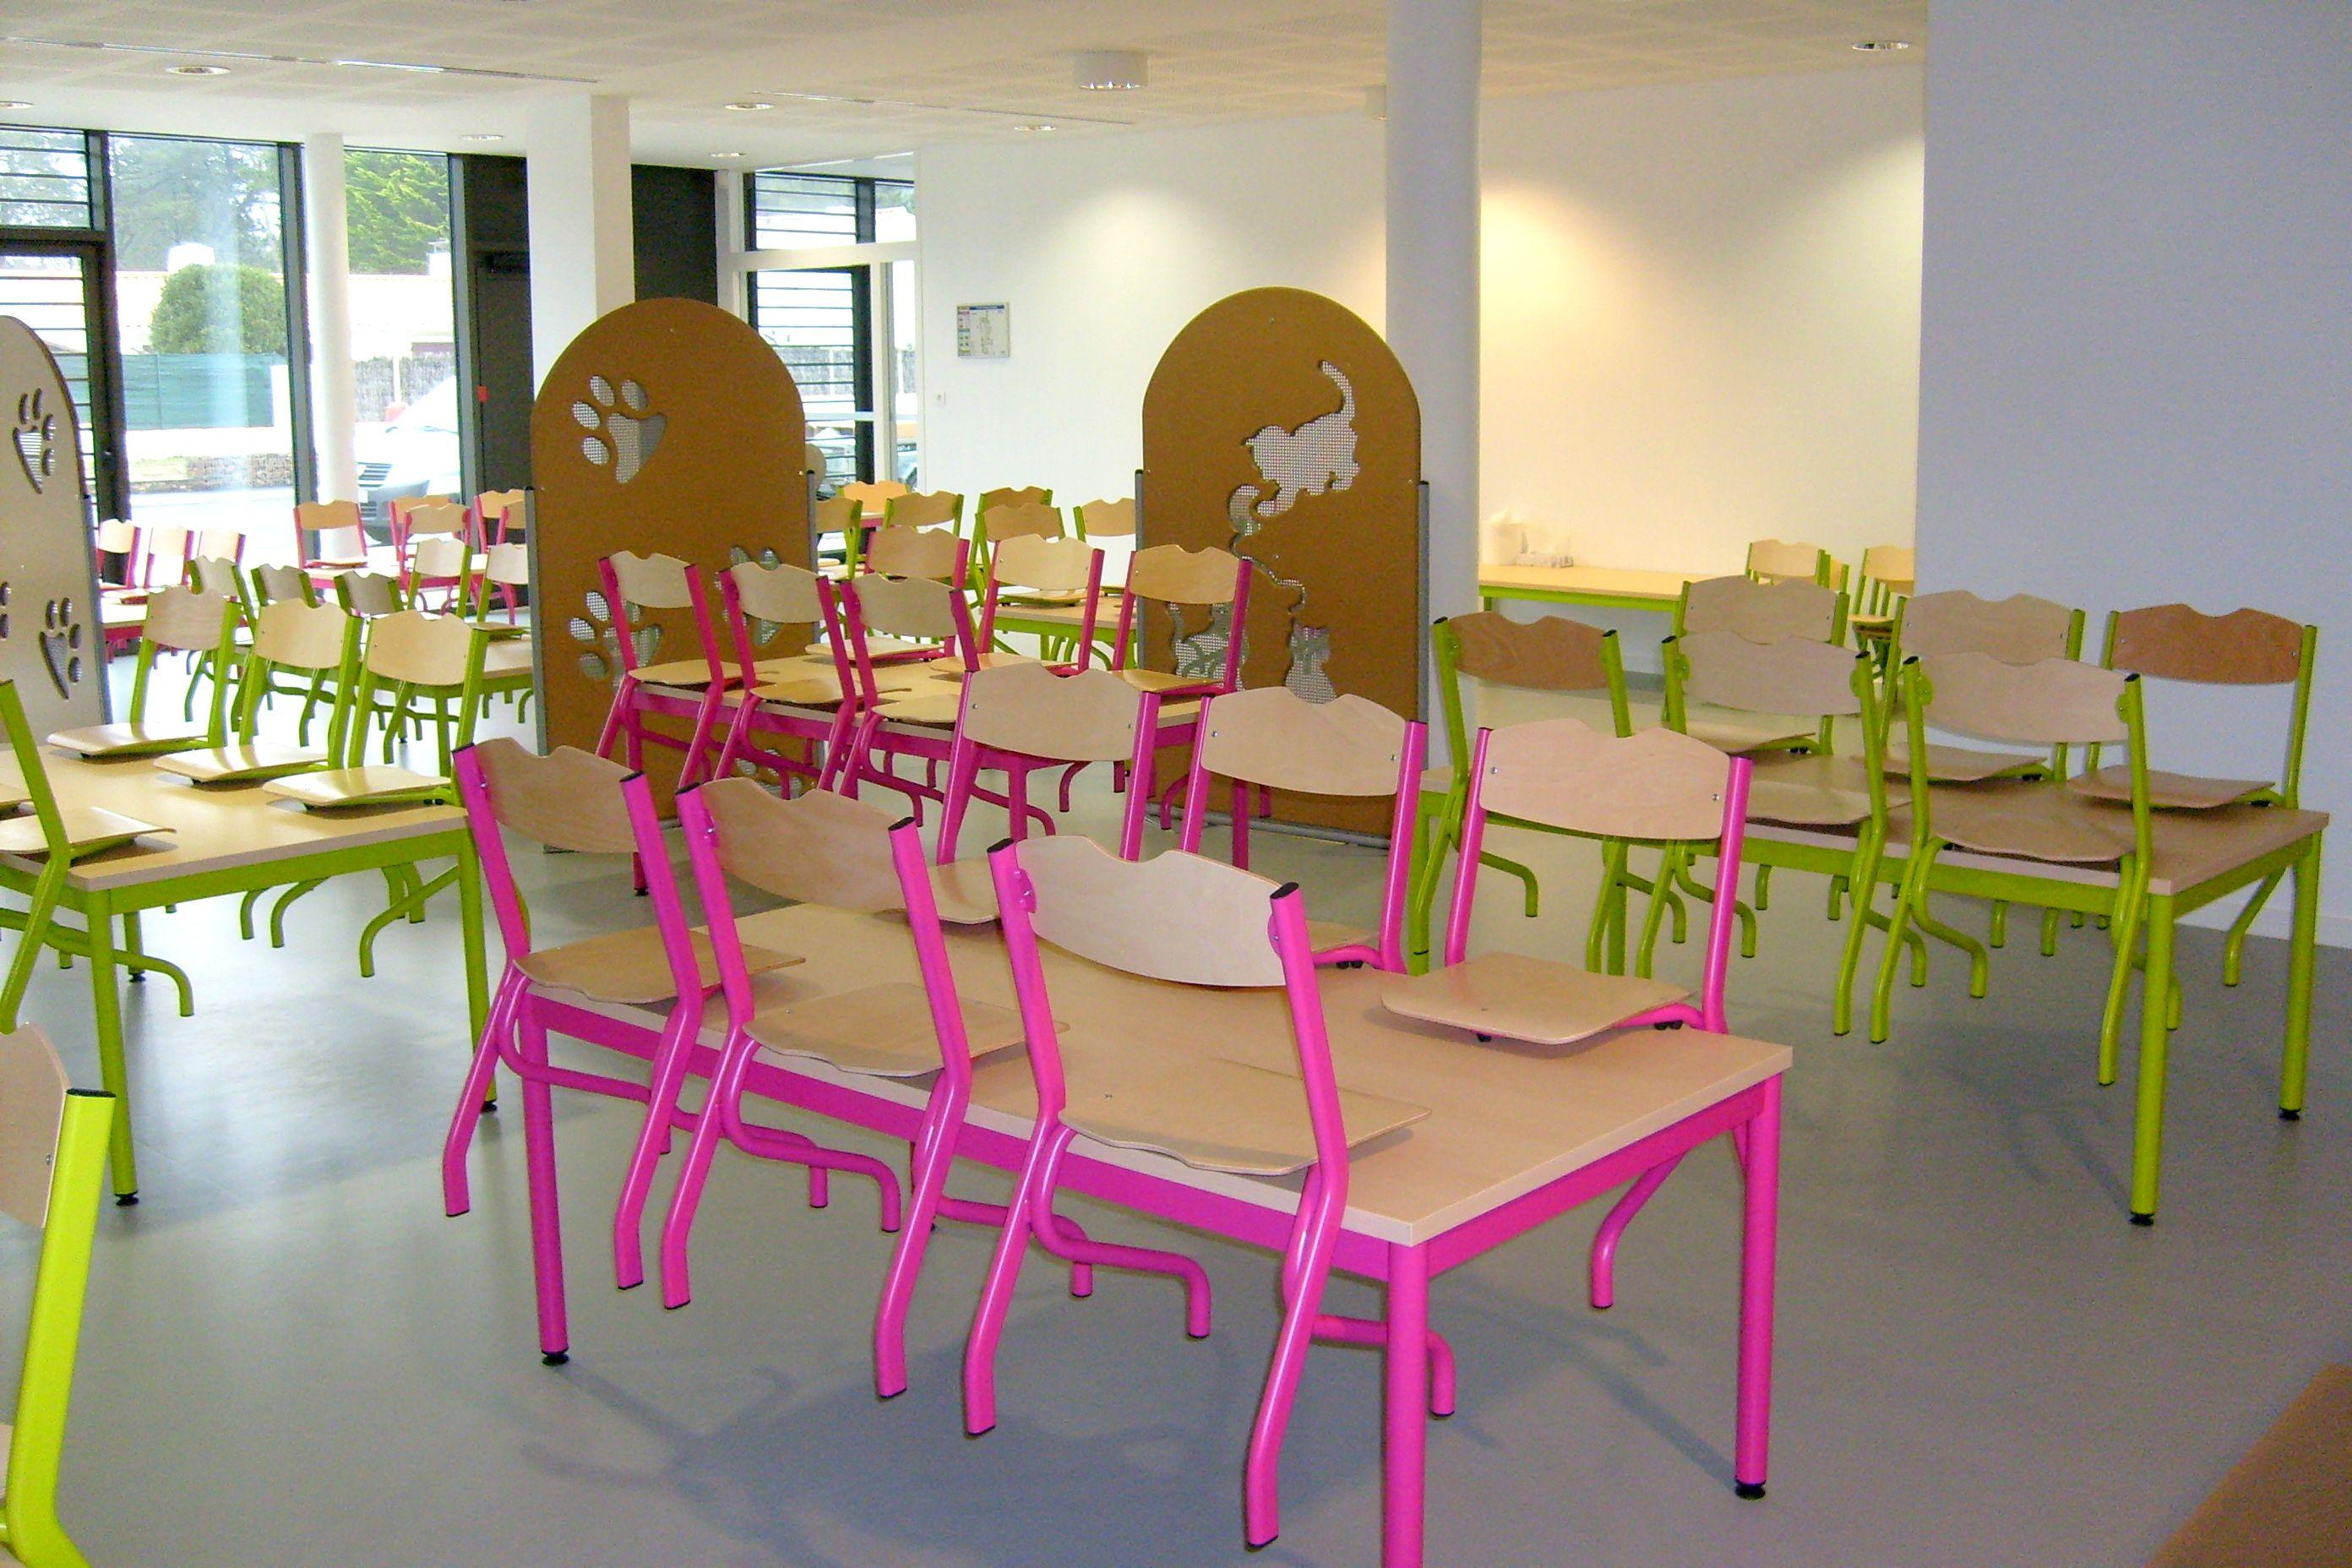 64ca281c782d7d7149c117ae5c325301 Impressionnant De Ensemble Table Chaise Concept